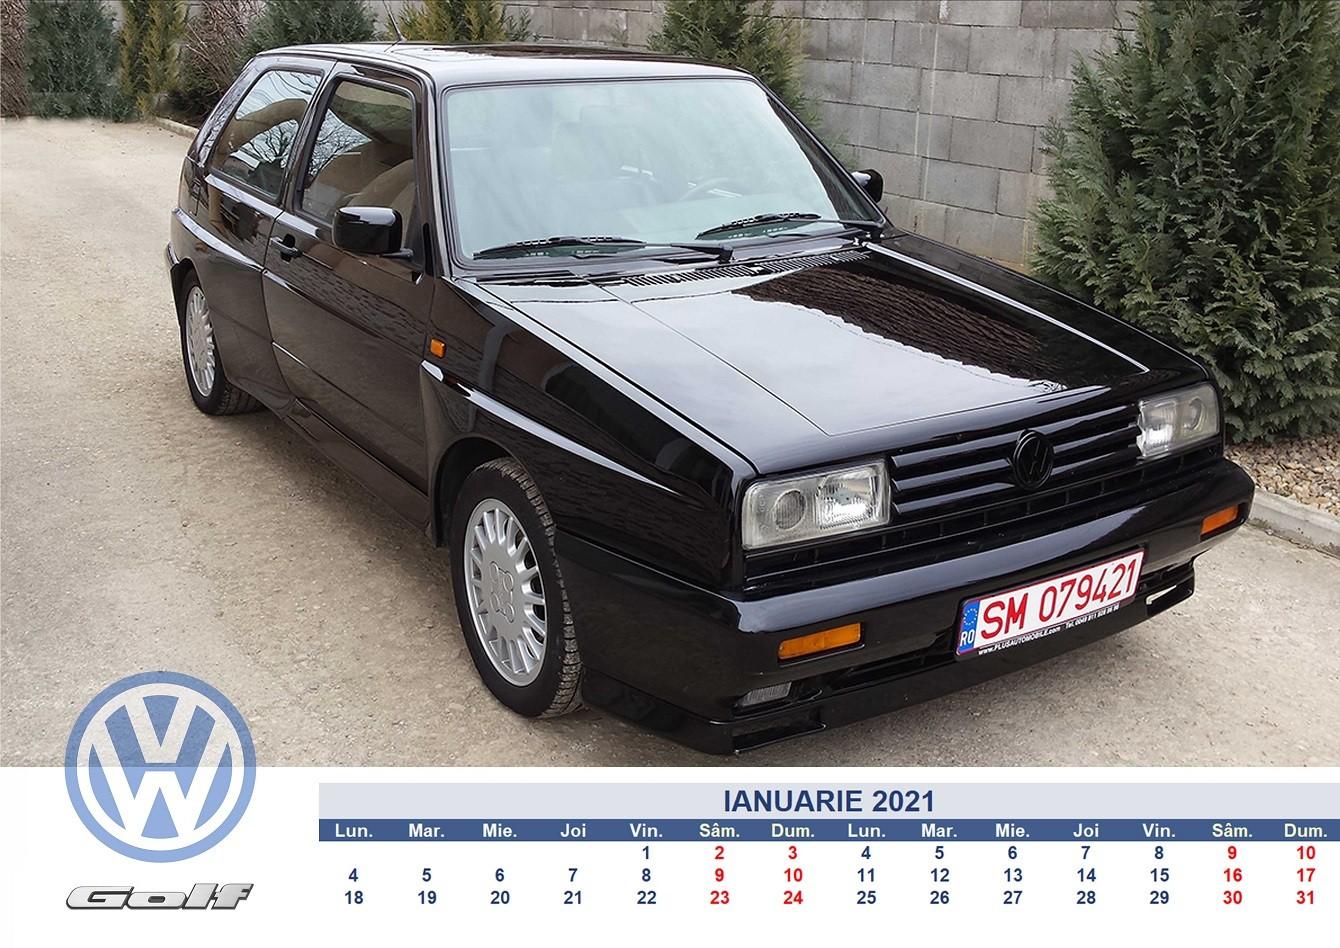 Nu ai voie sa ratezi aceste poze daca esti fan Volkswagen. Calendar pe 2021 cu cele mai tari Golf-uri clasice din Romania - Nu ai voie sa ratezi aceste poze daca esti fan Volkswagen. Calendar pe 2021 cu cele mai tari Golf-uri clasice din Romania